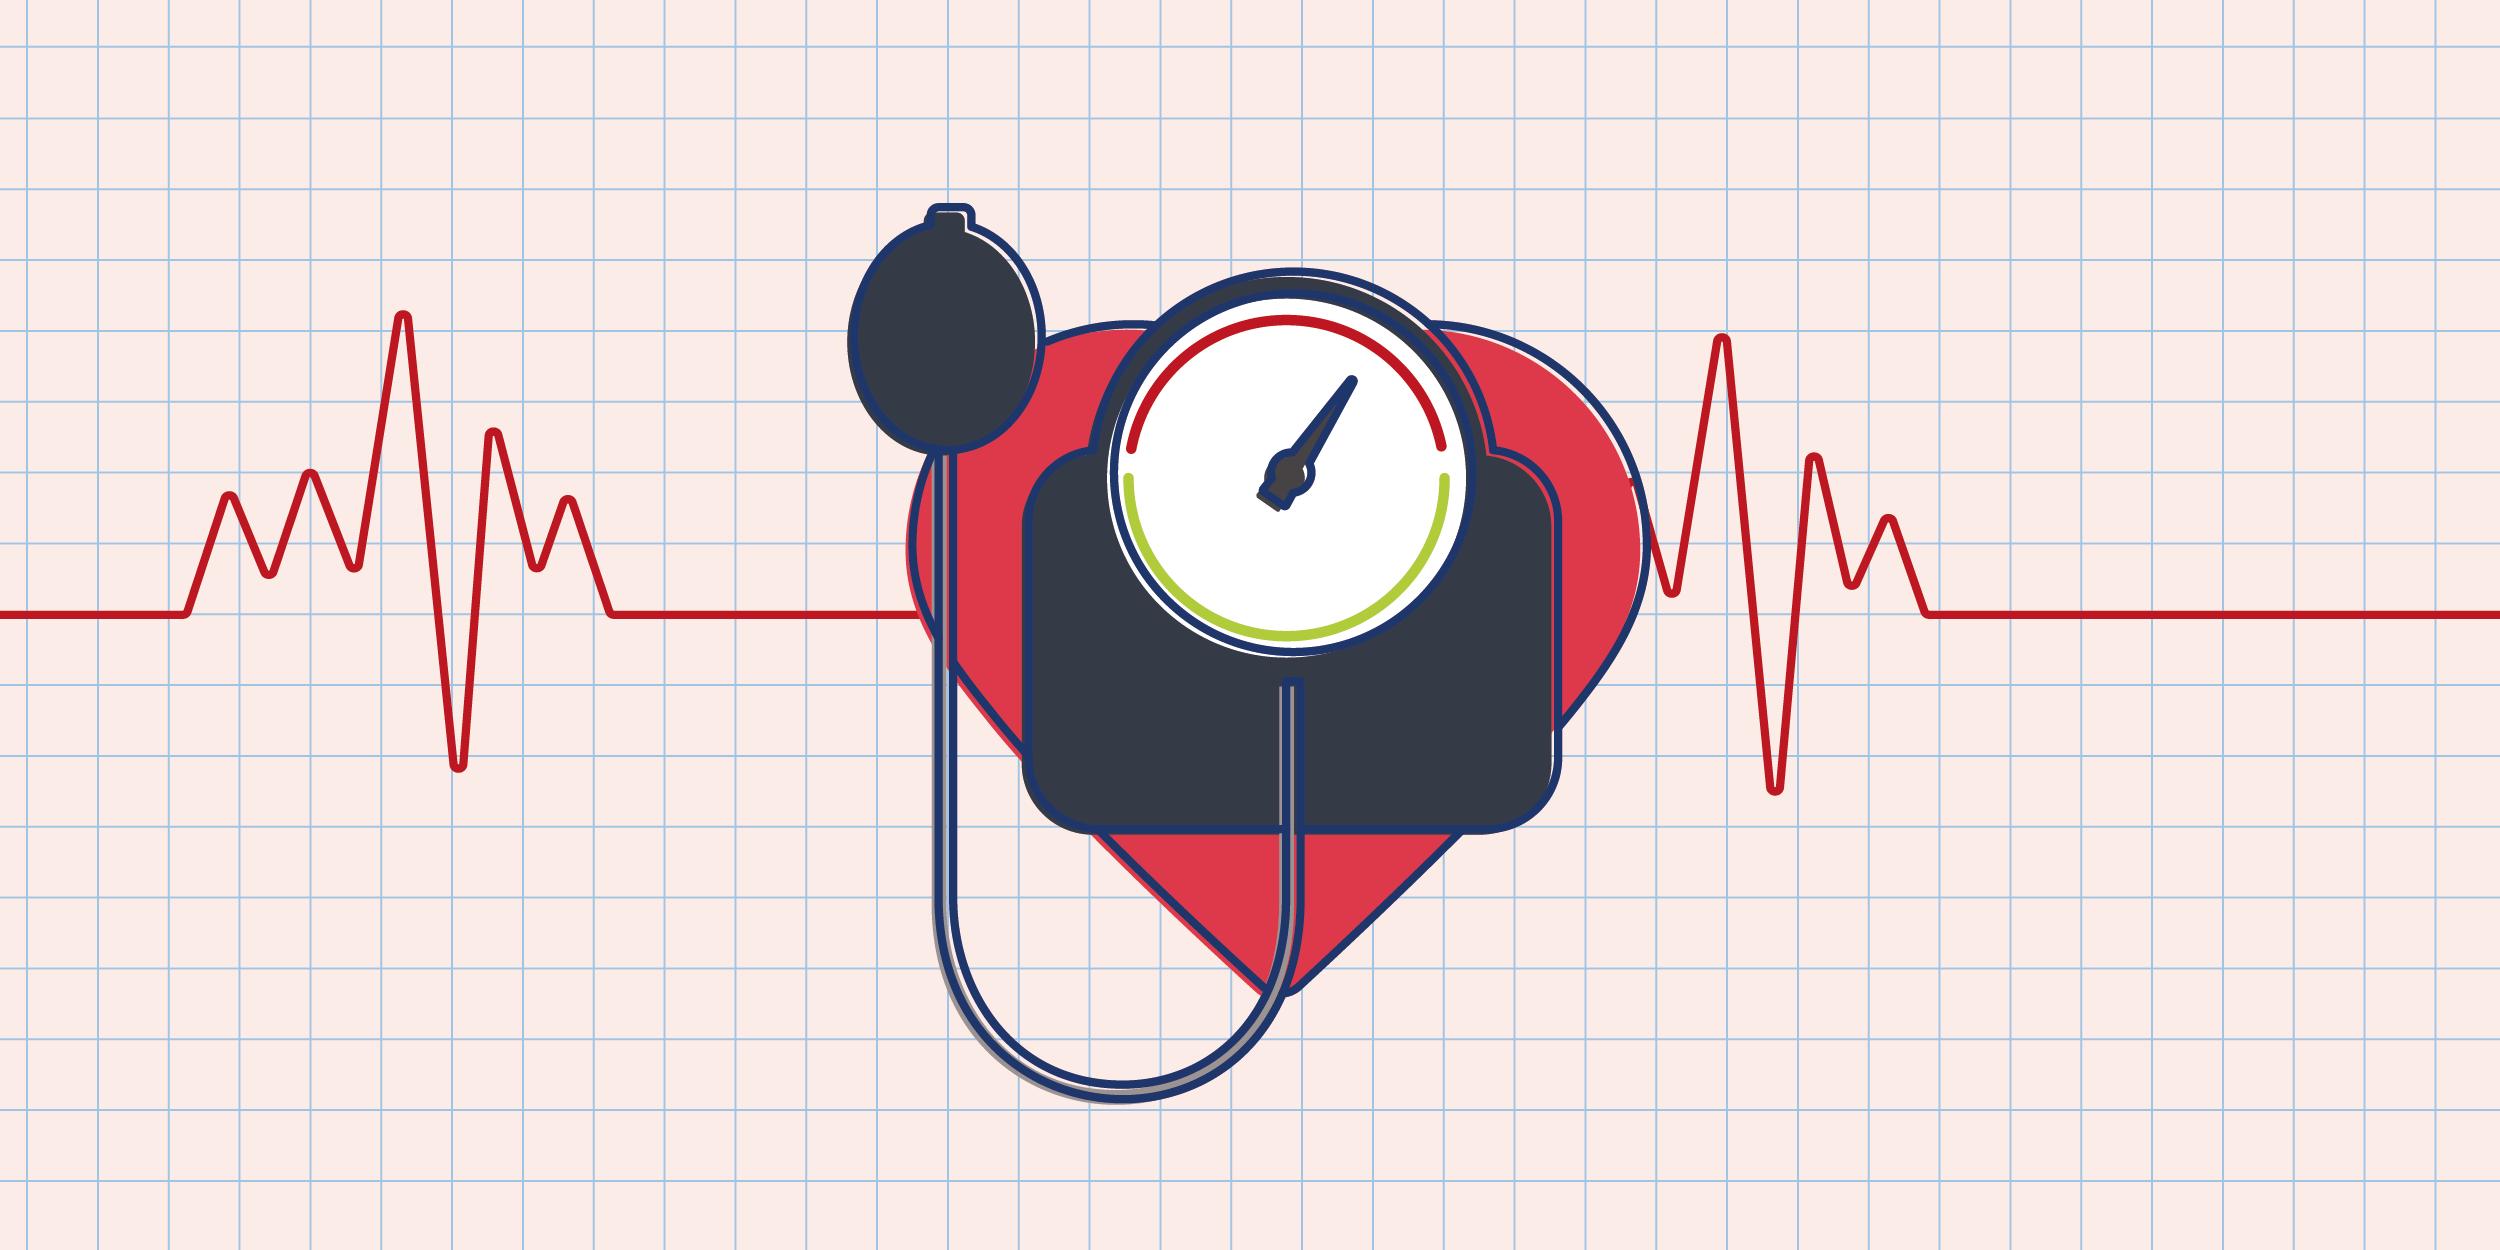 Atostogos ir arterinė hipertenzija